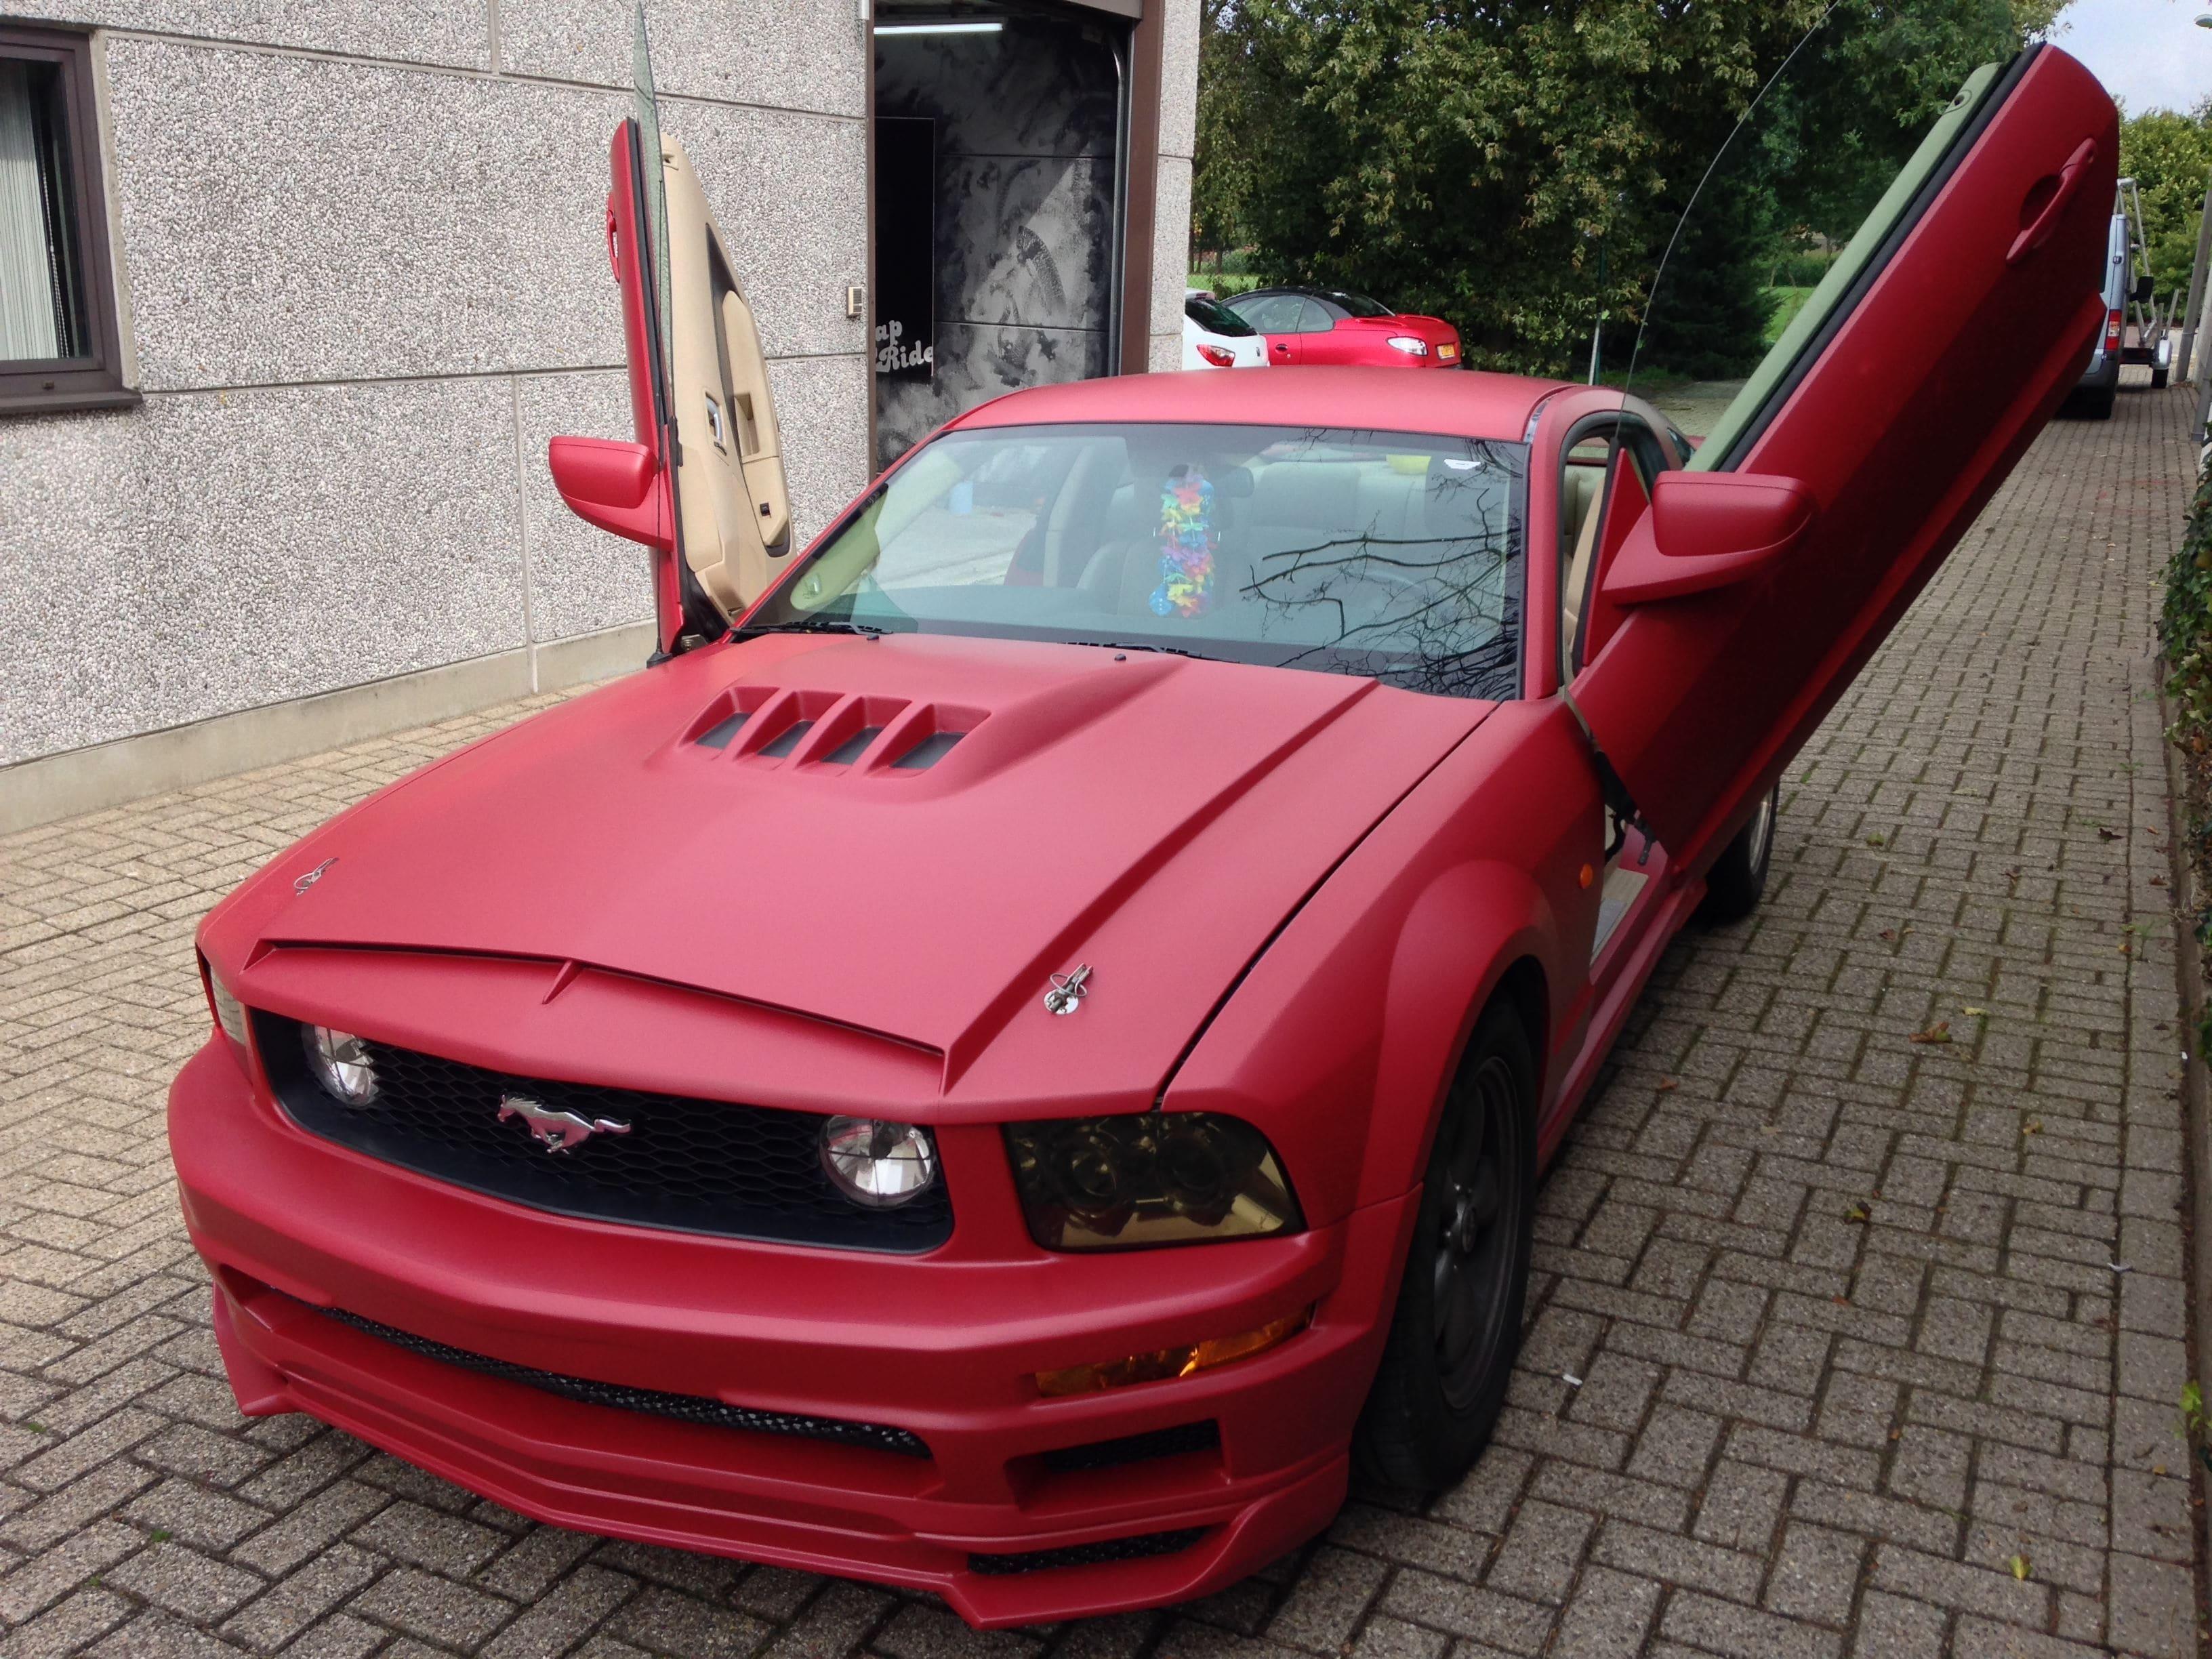 Ford Mustang 2009 met Mat Rode wrap, Carwrapping door Wrapmyride.nu Foto-nr:5828, ©2020